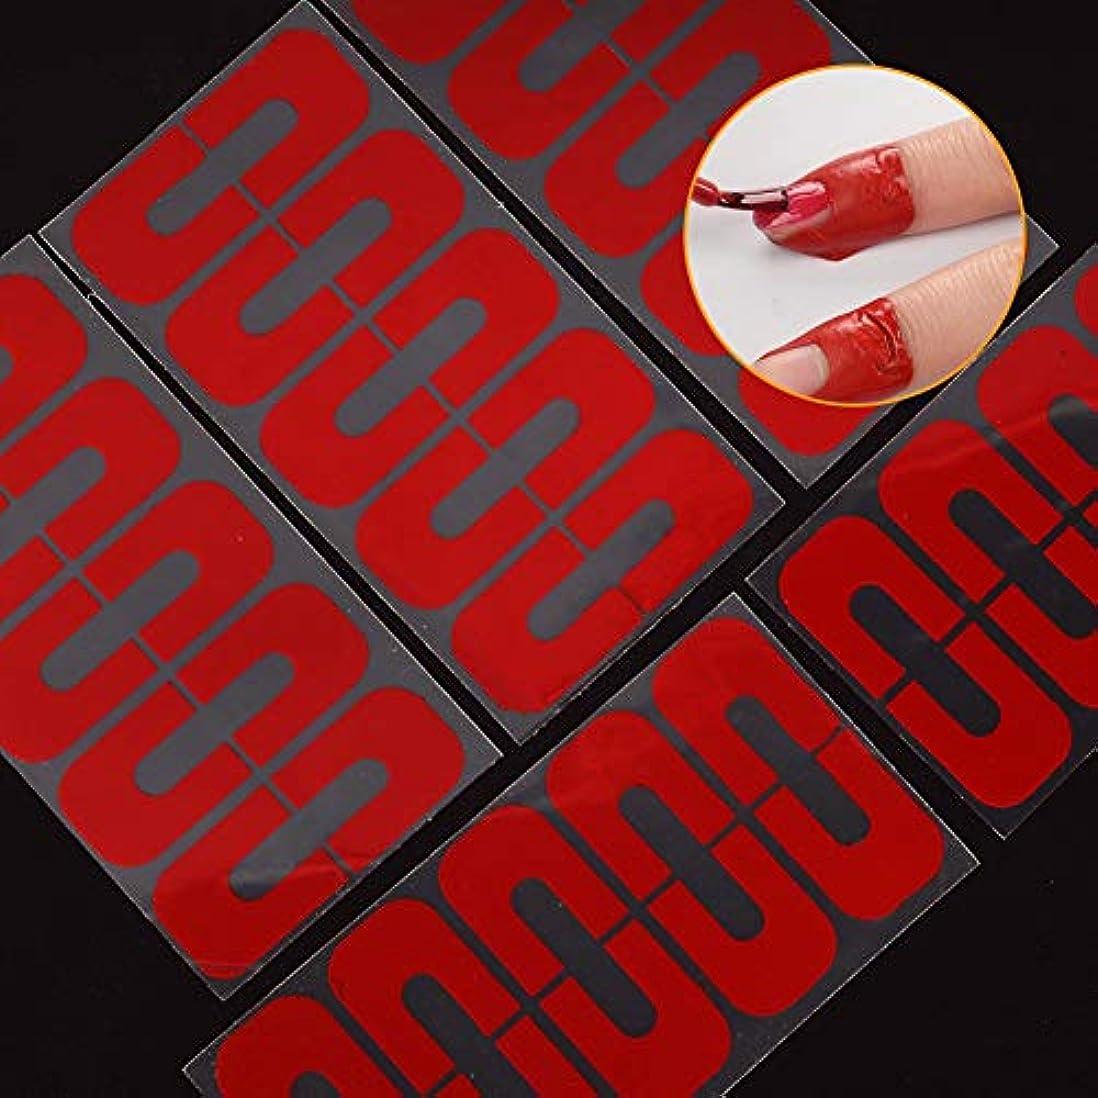 パイル世界記録のギネスブックペイントhamulekfae-50個使い捨てU字型こぼれ防止ネイルプロテクター弾性指カバーステッカー - 赤50個Red50pcs